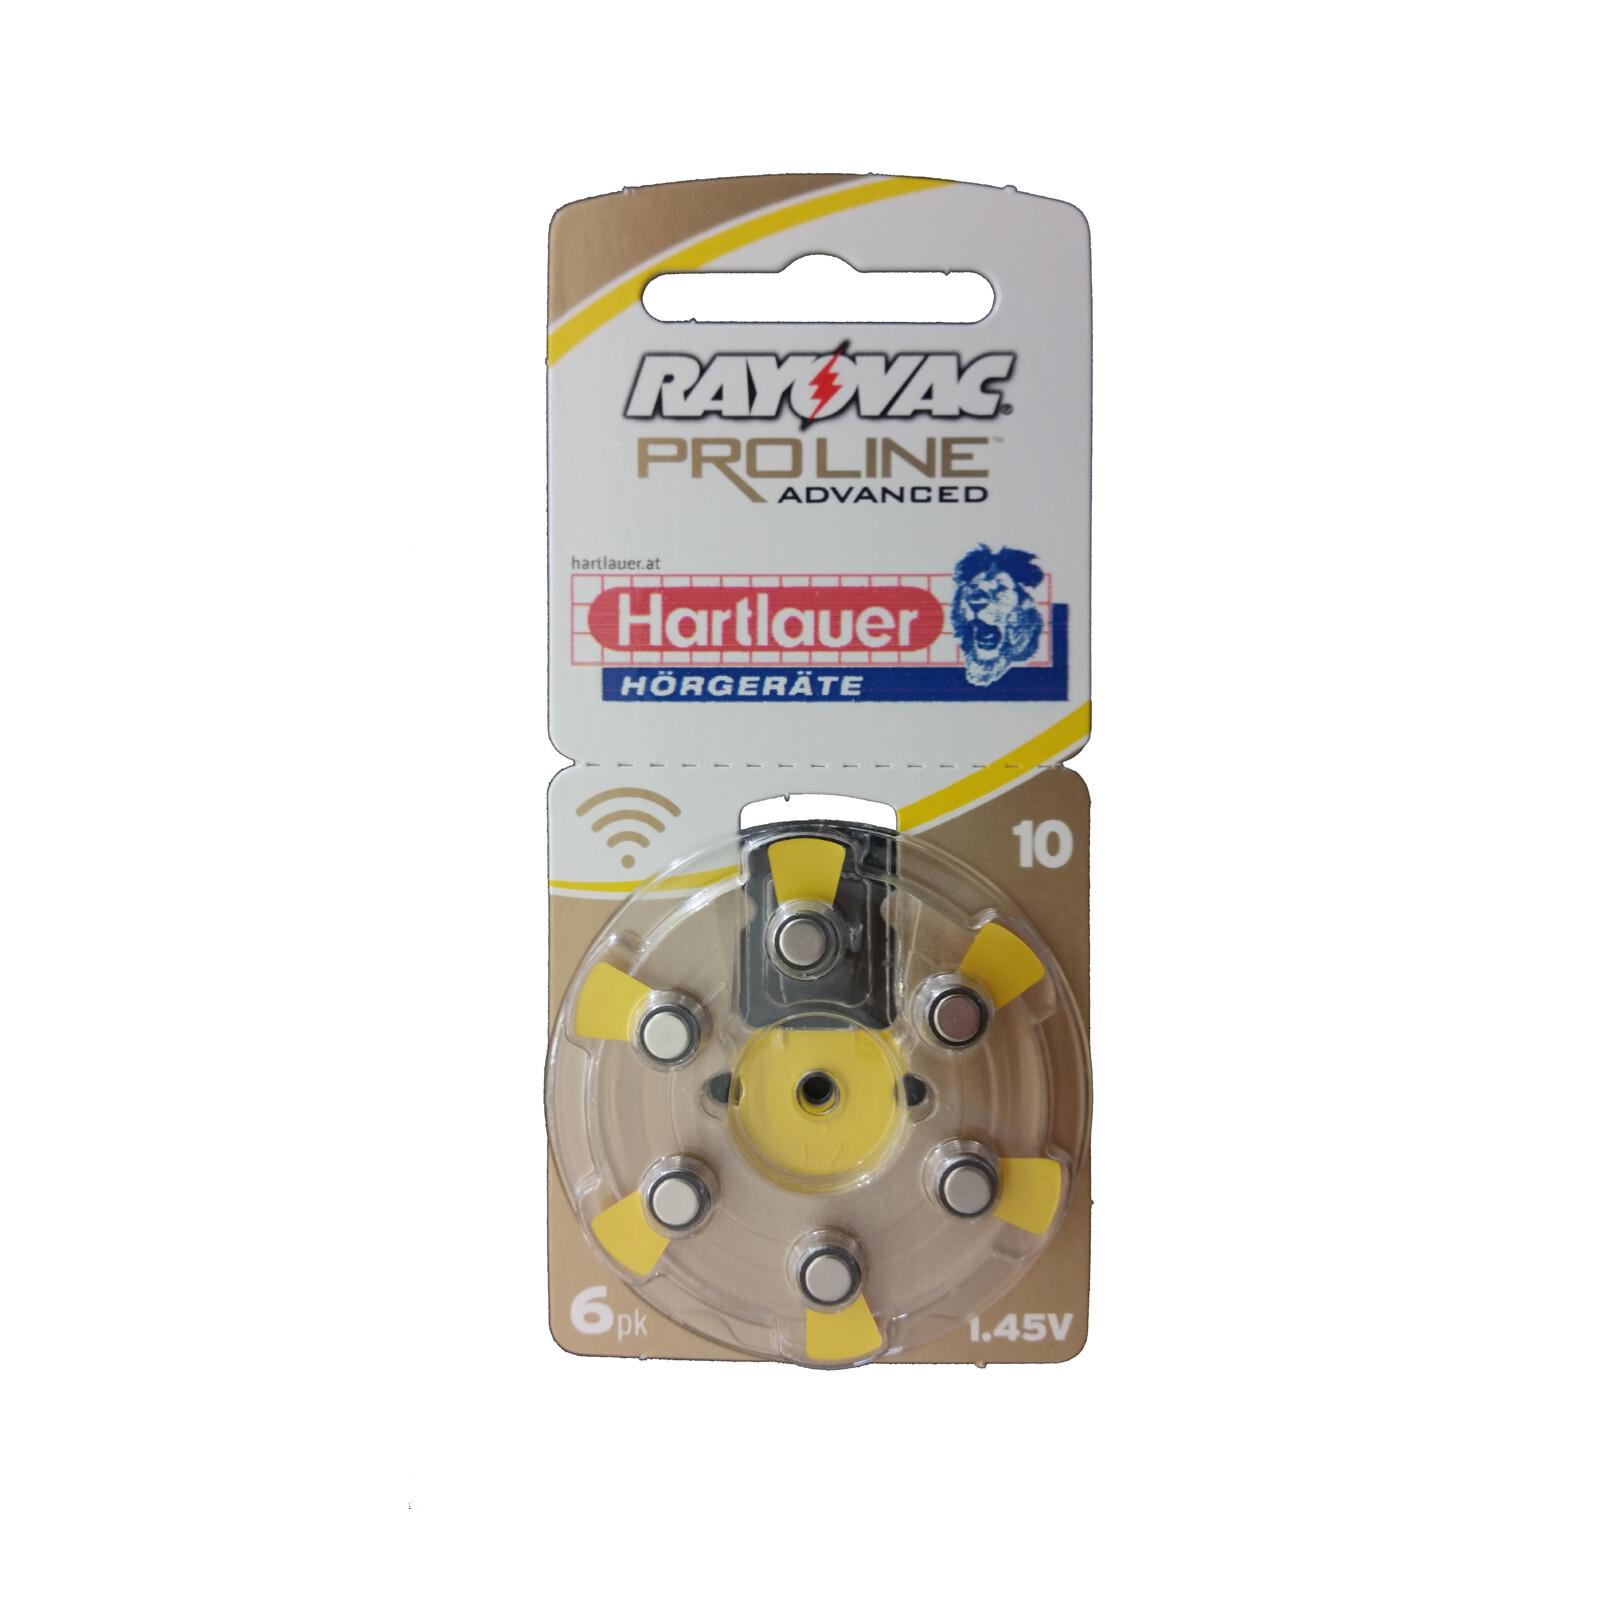 Rayovac 10 Ultra Proline MF 6er, 60 Stk. 10er SET 50% Aktion